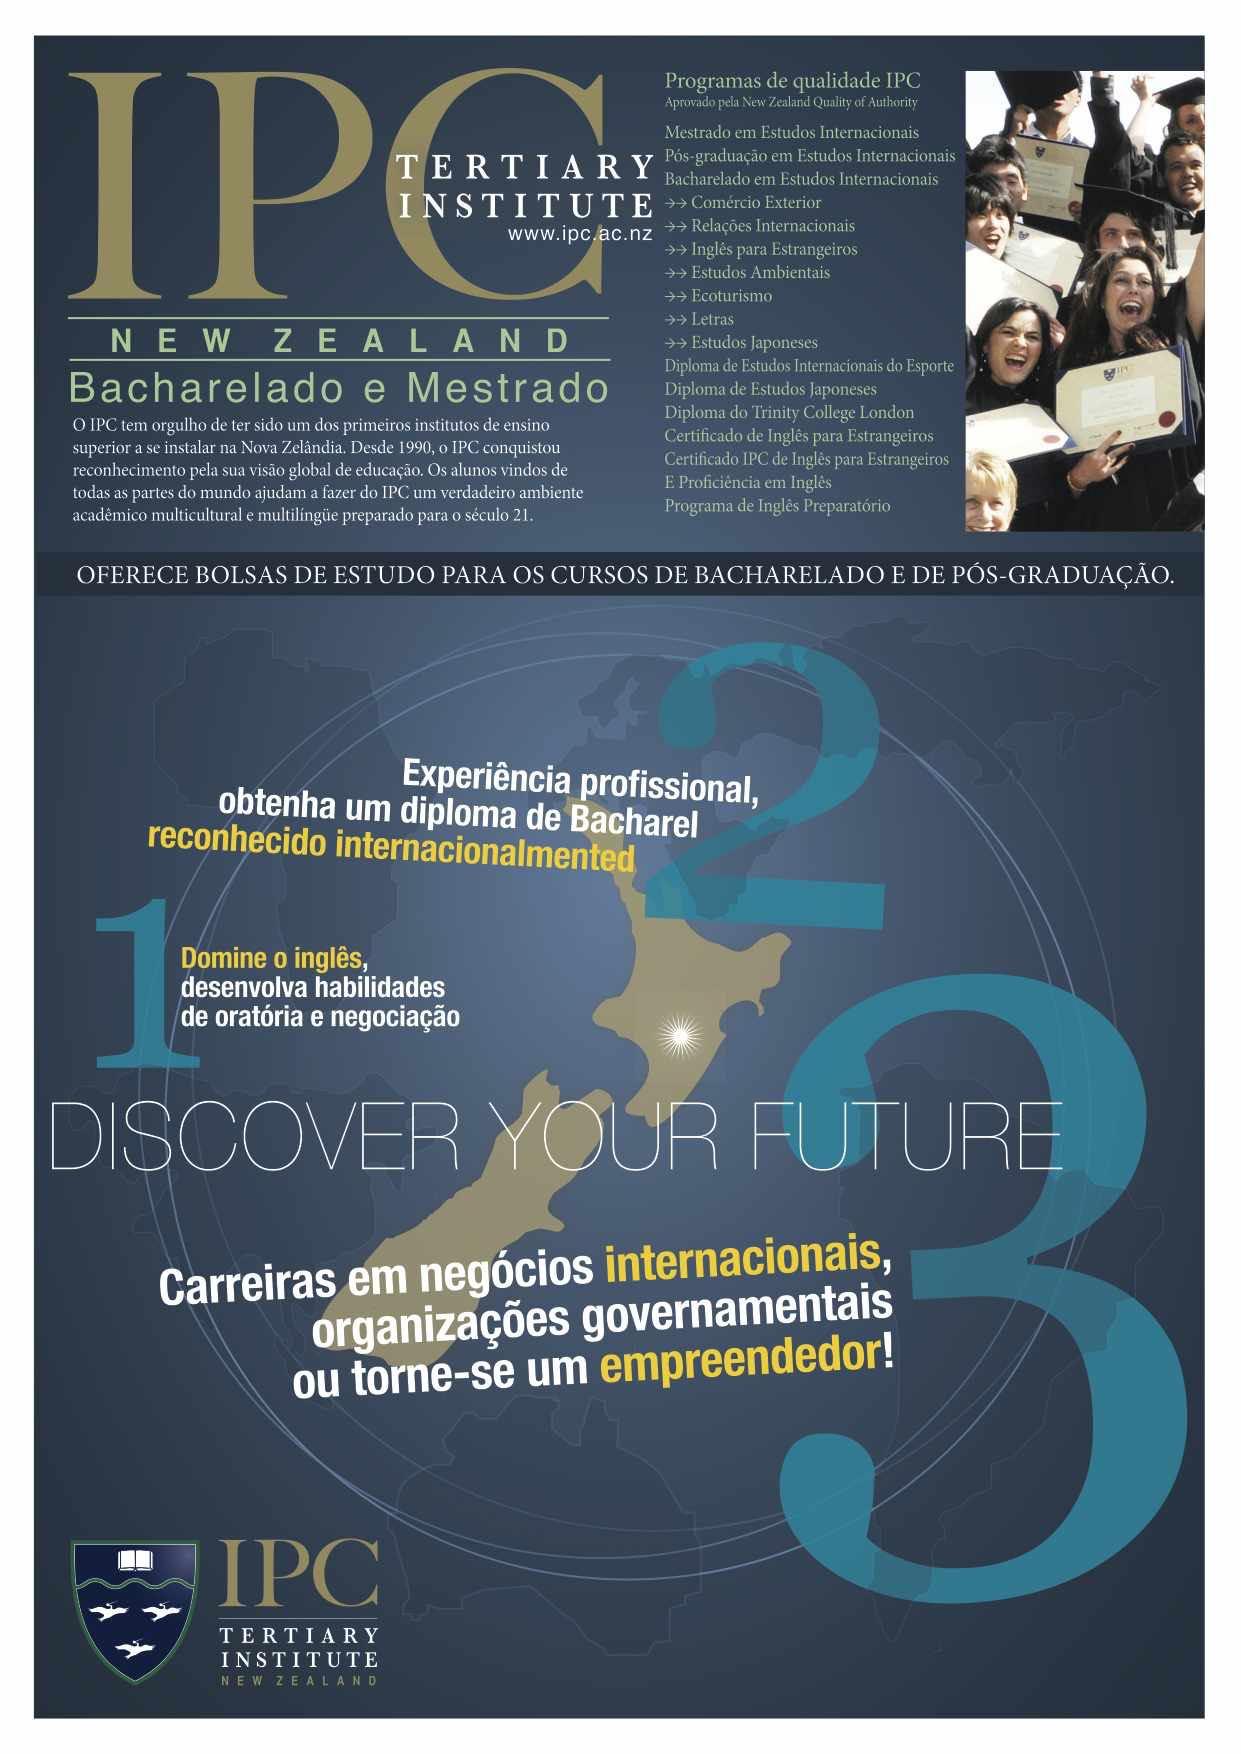 Flyer_brazil_2013